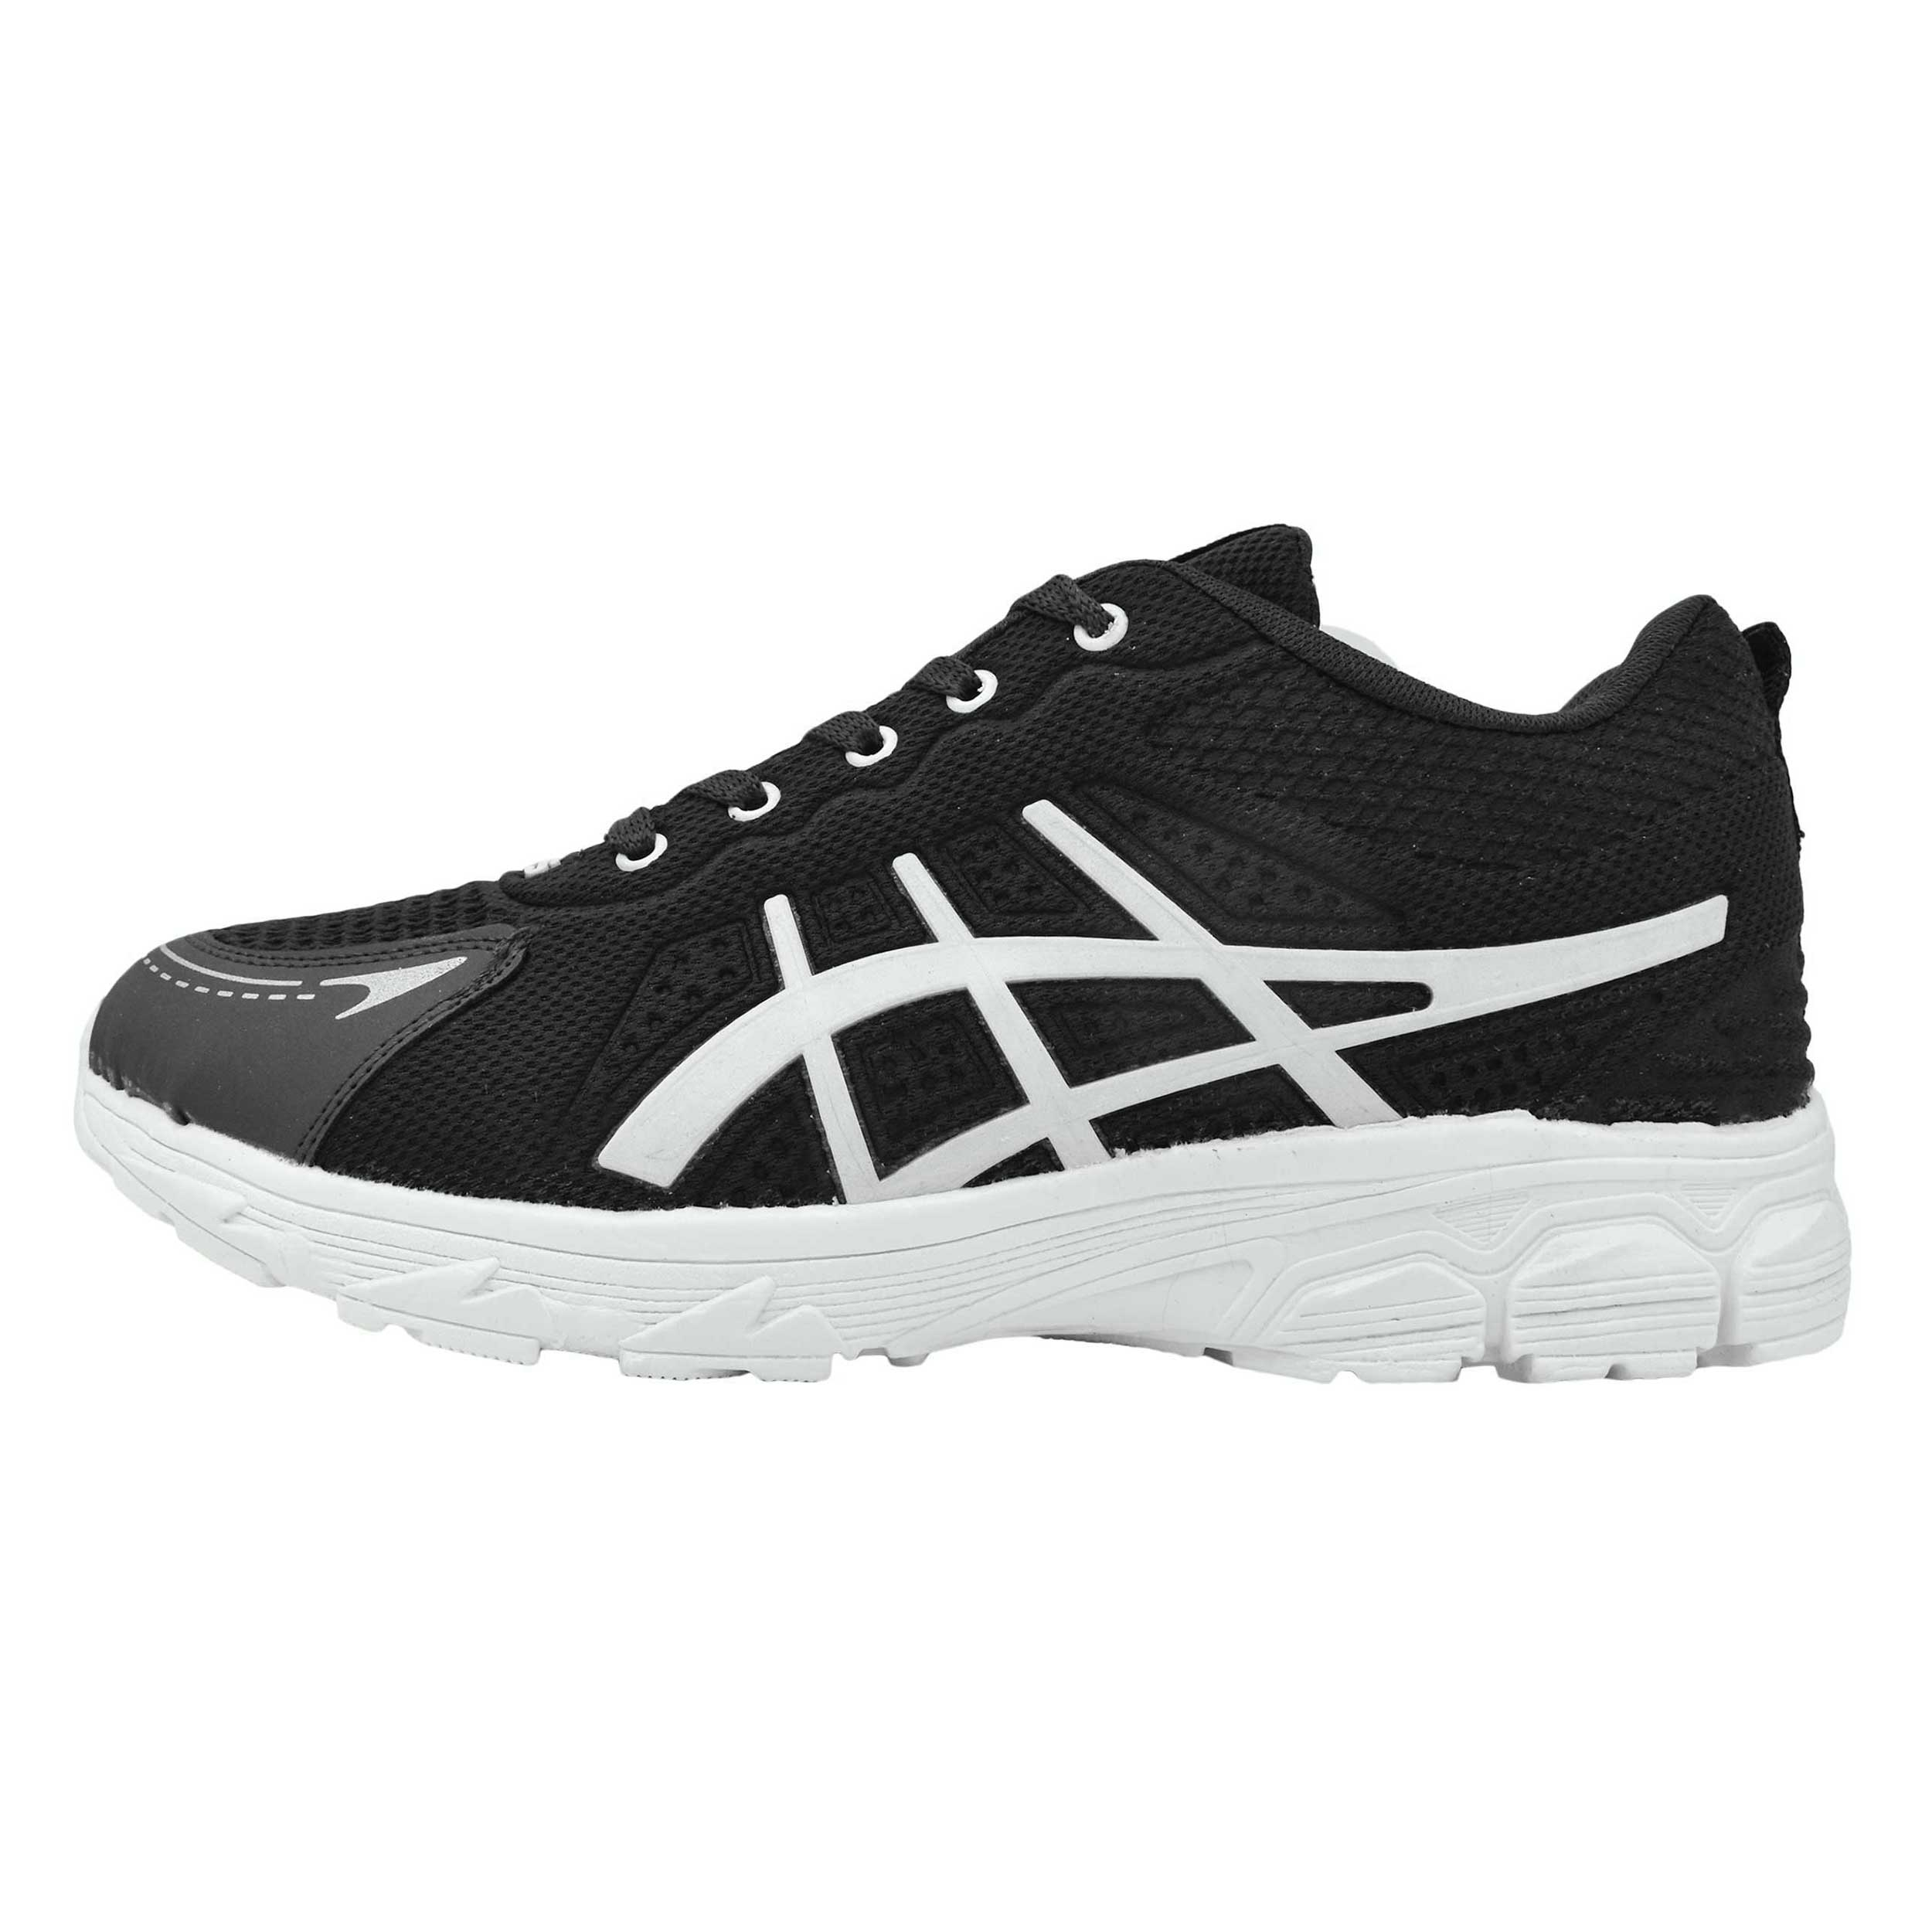 کفش مخصوص پیاده روی مردانه مدل اسکان کد 7574